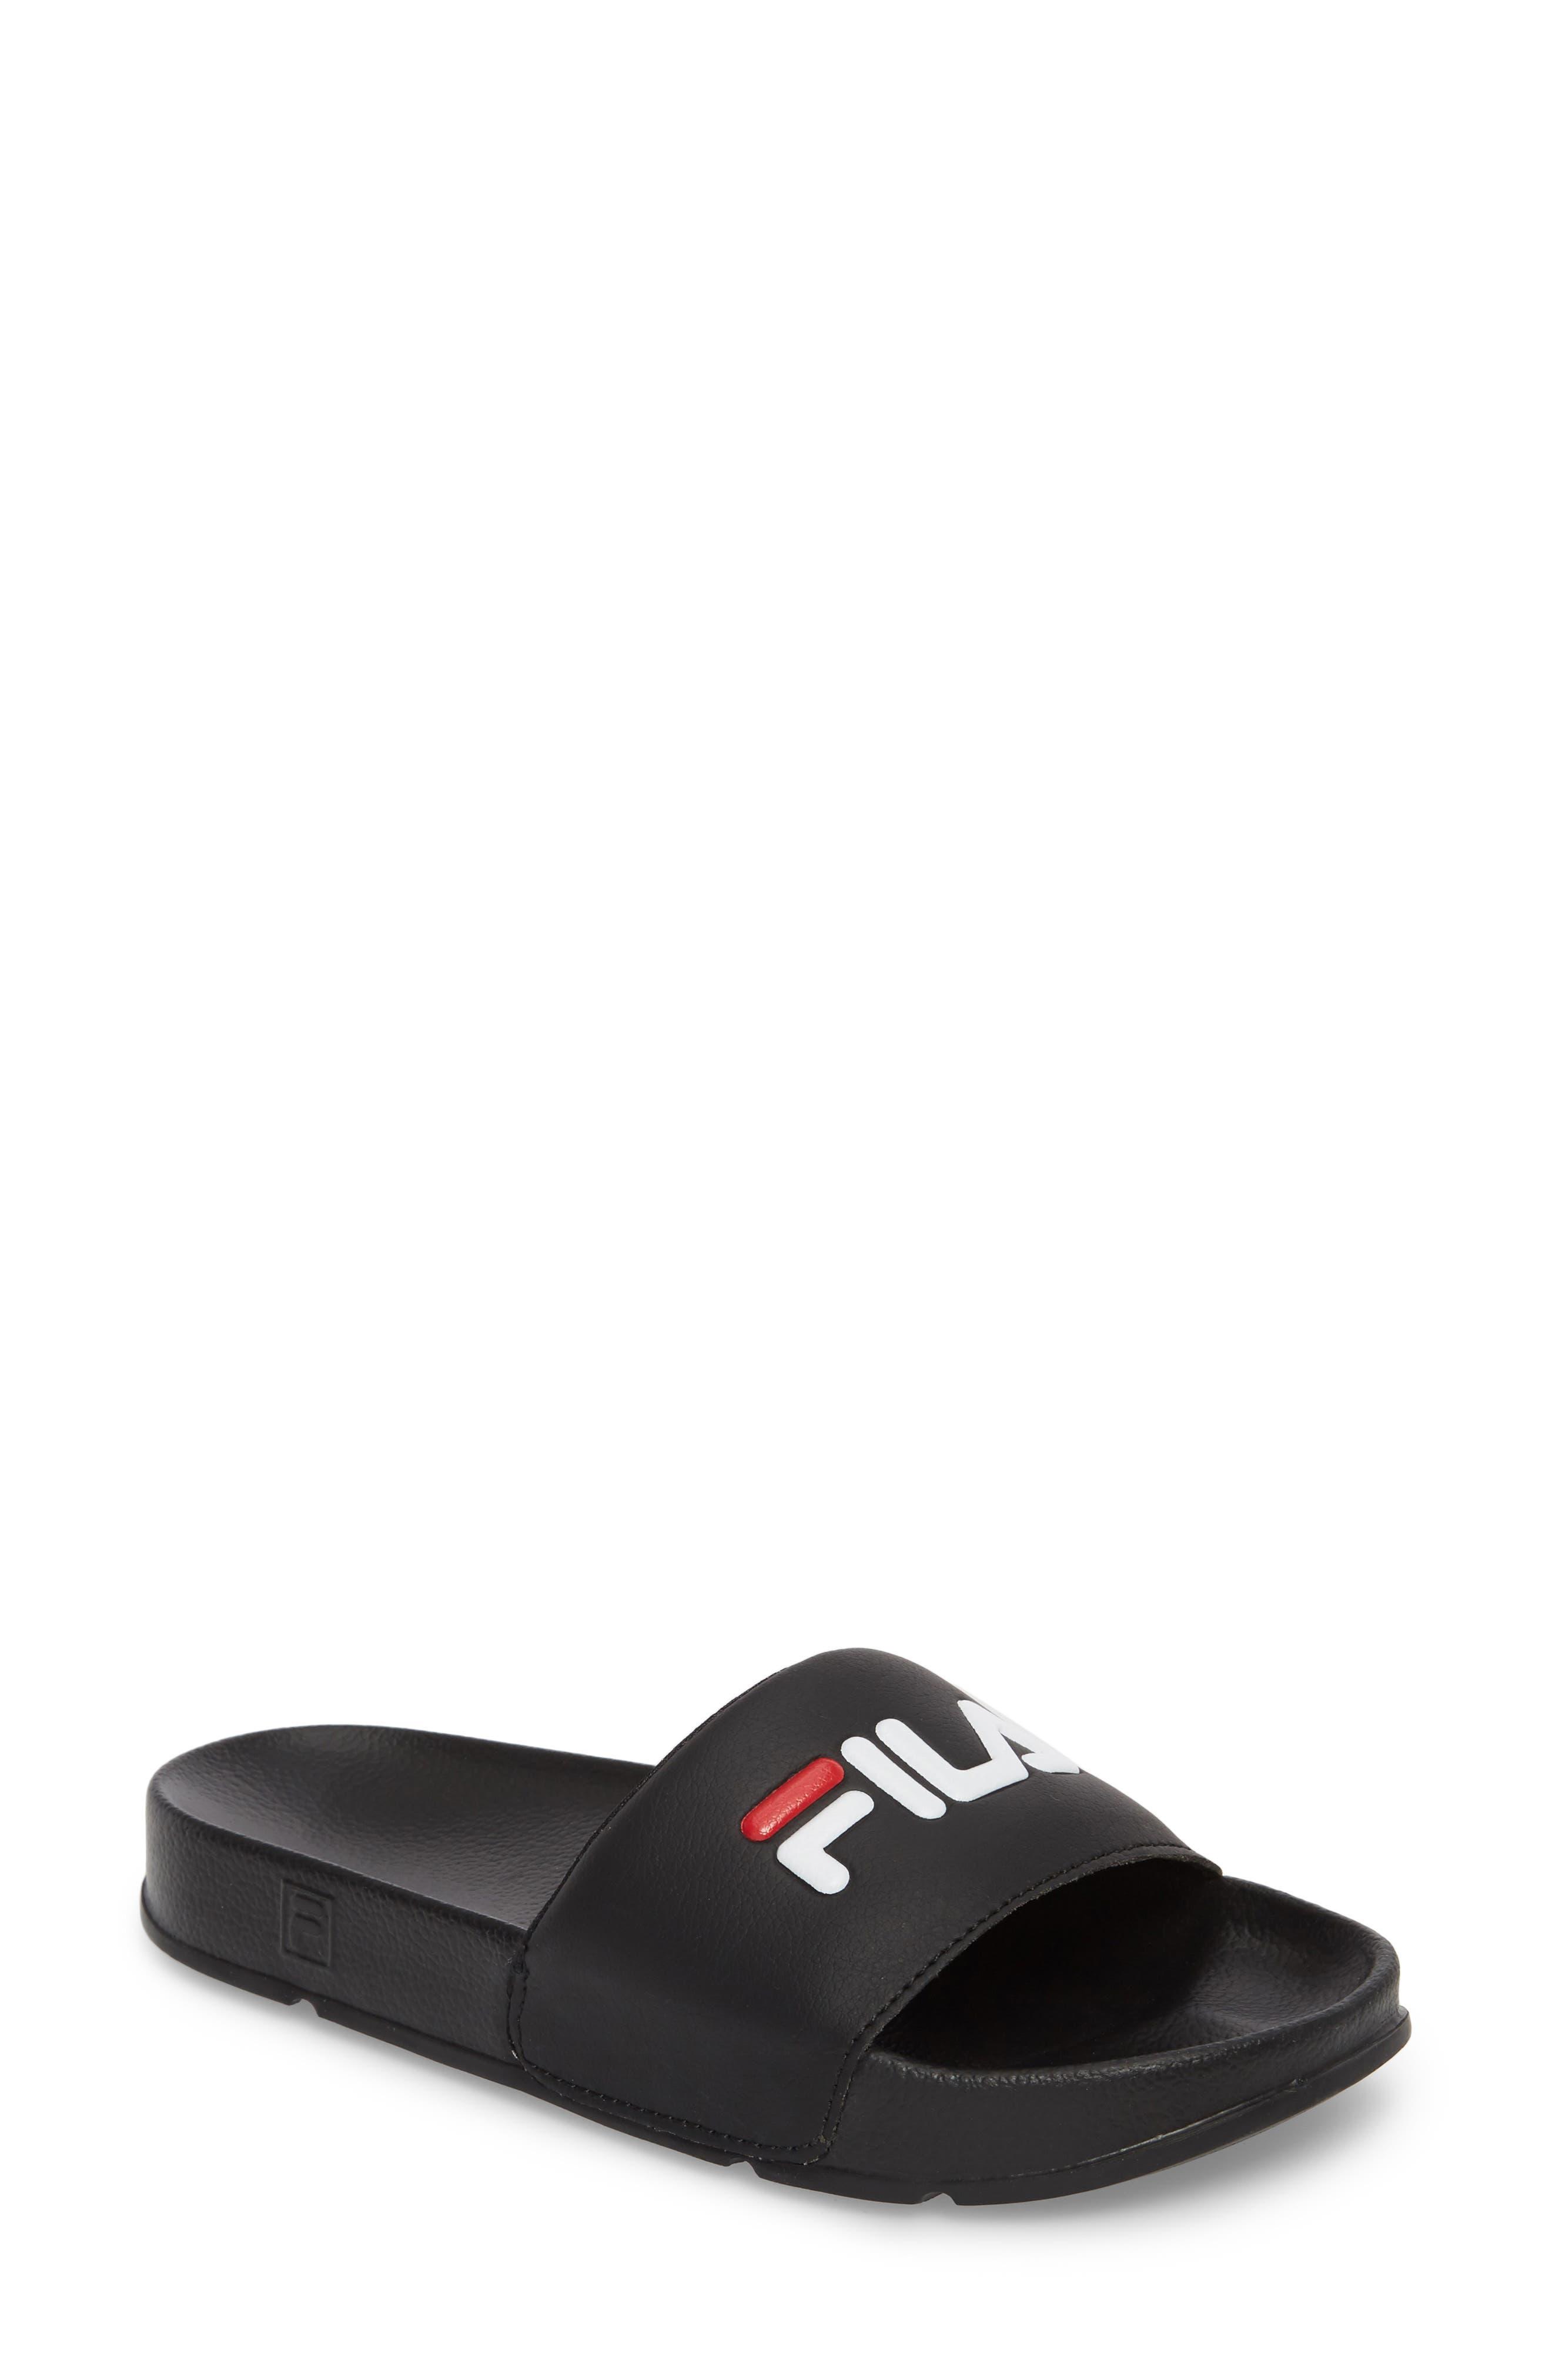 Slide Sandal, Main, color, BLACK/ RED/ WHITE